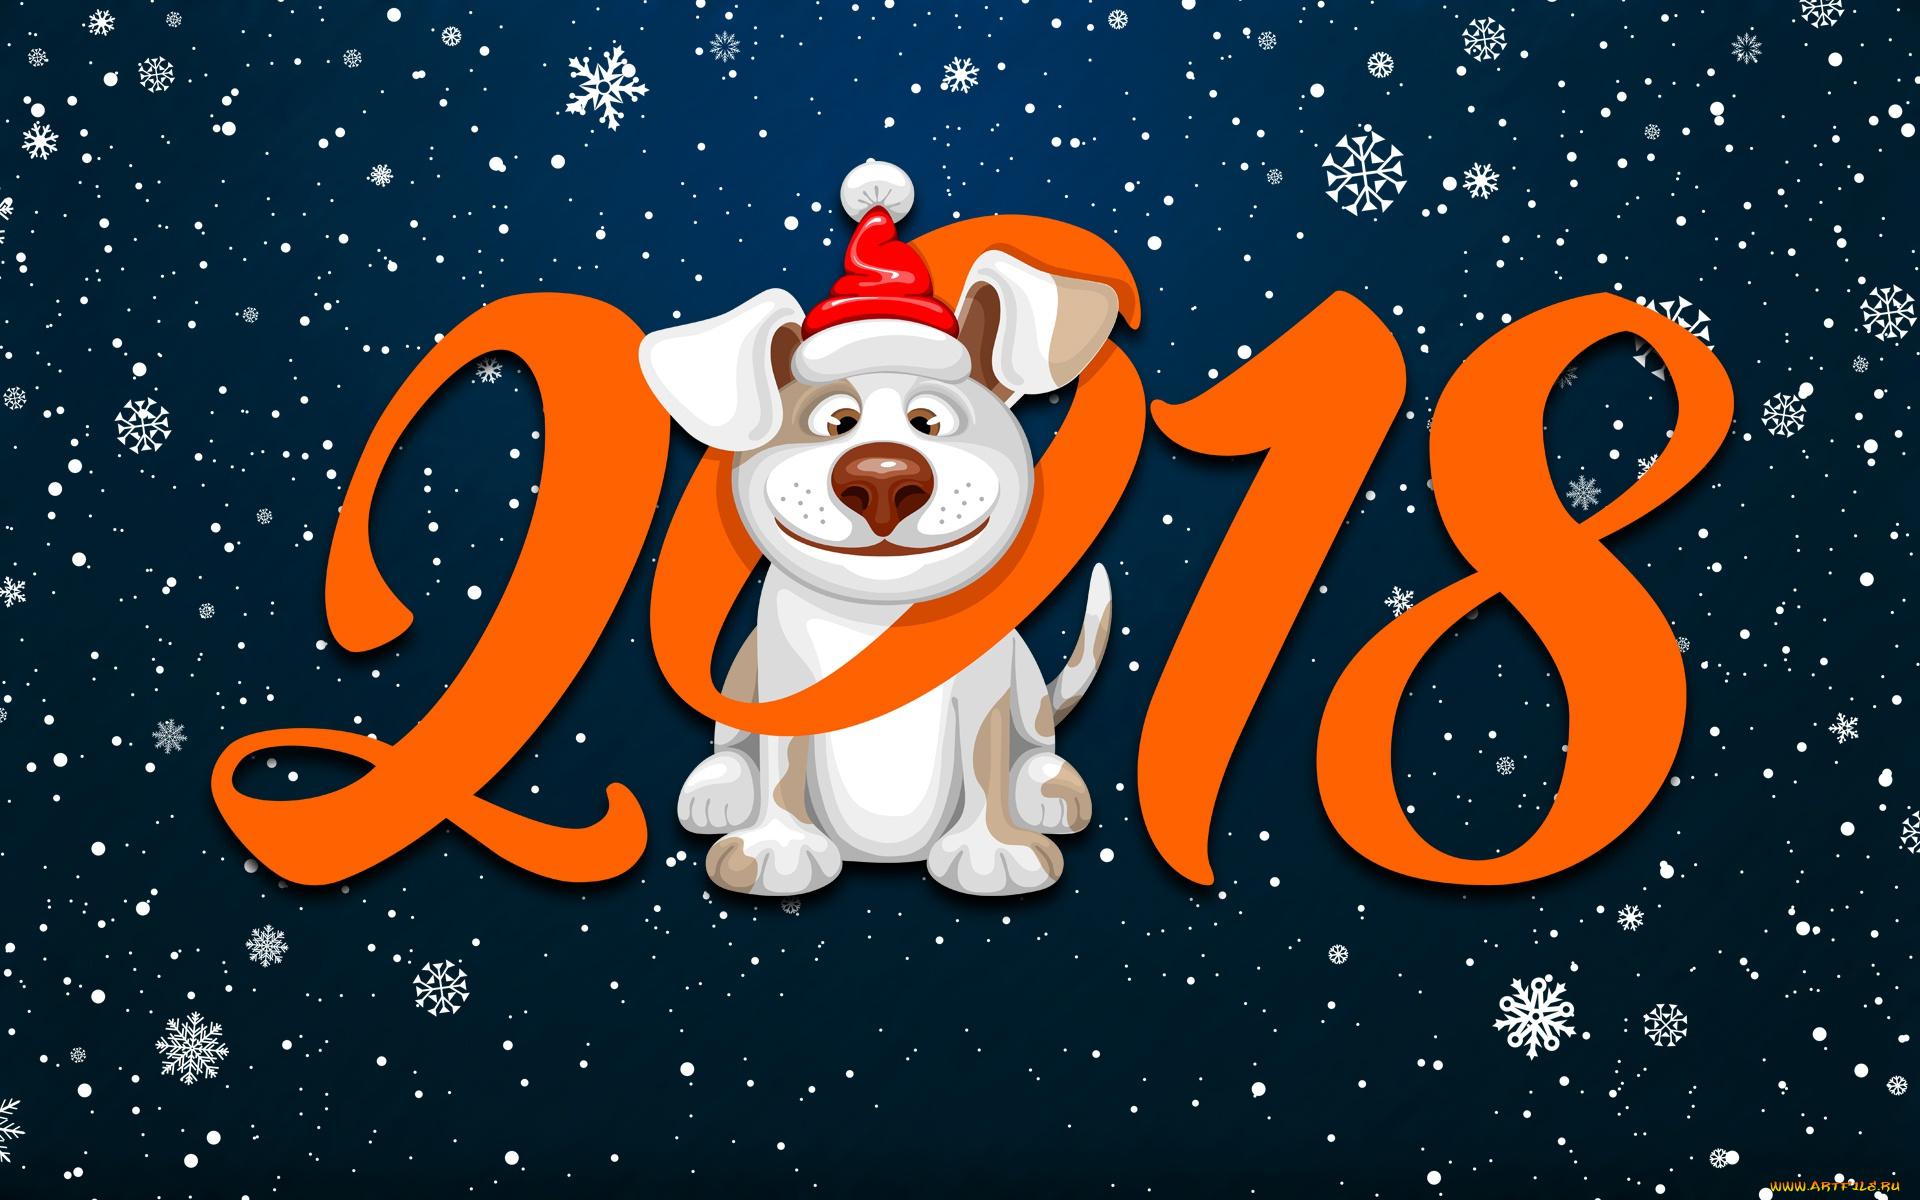 Новогодние открытки 2018 в год собаки